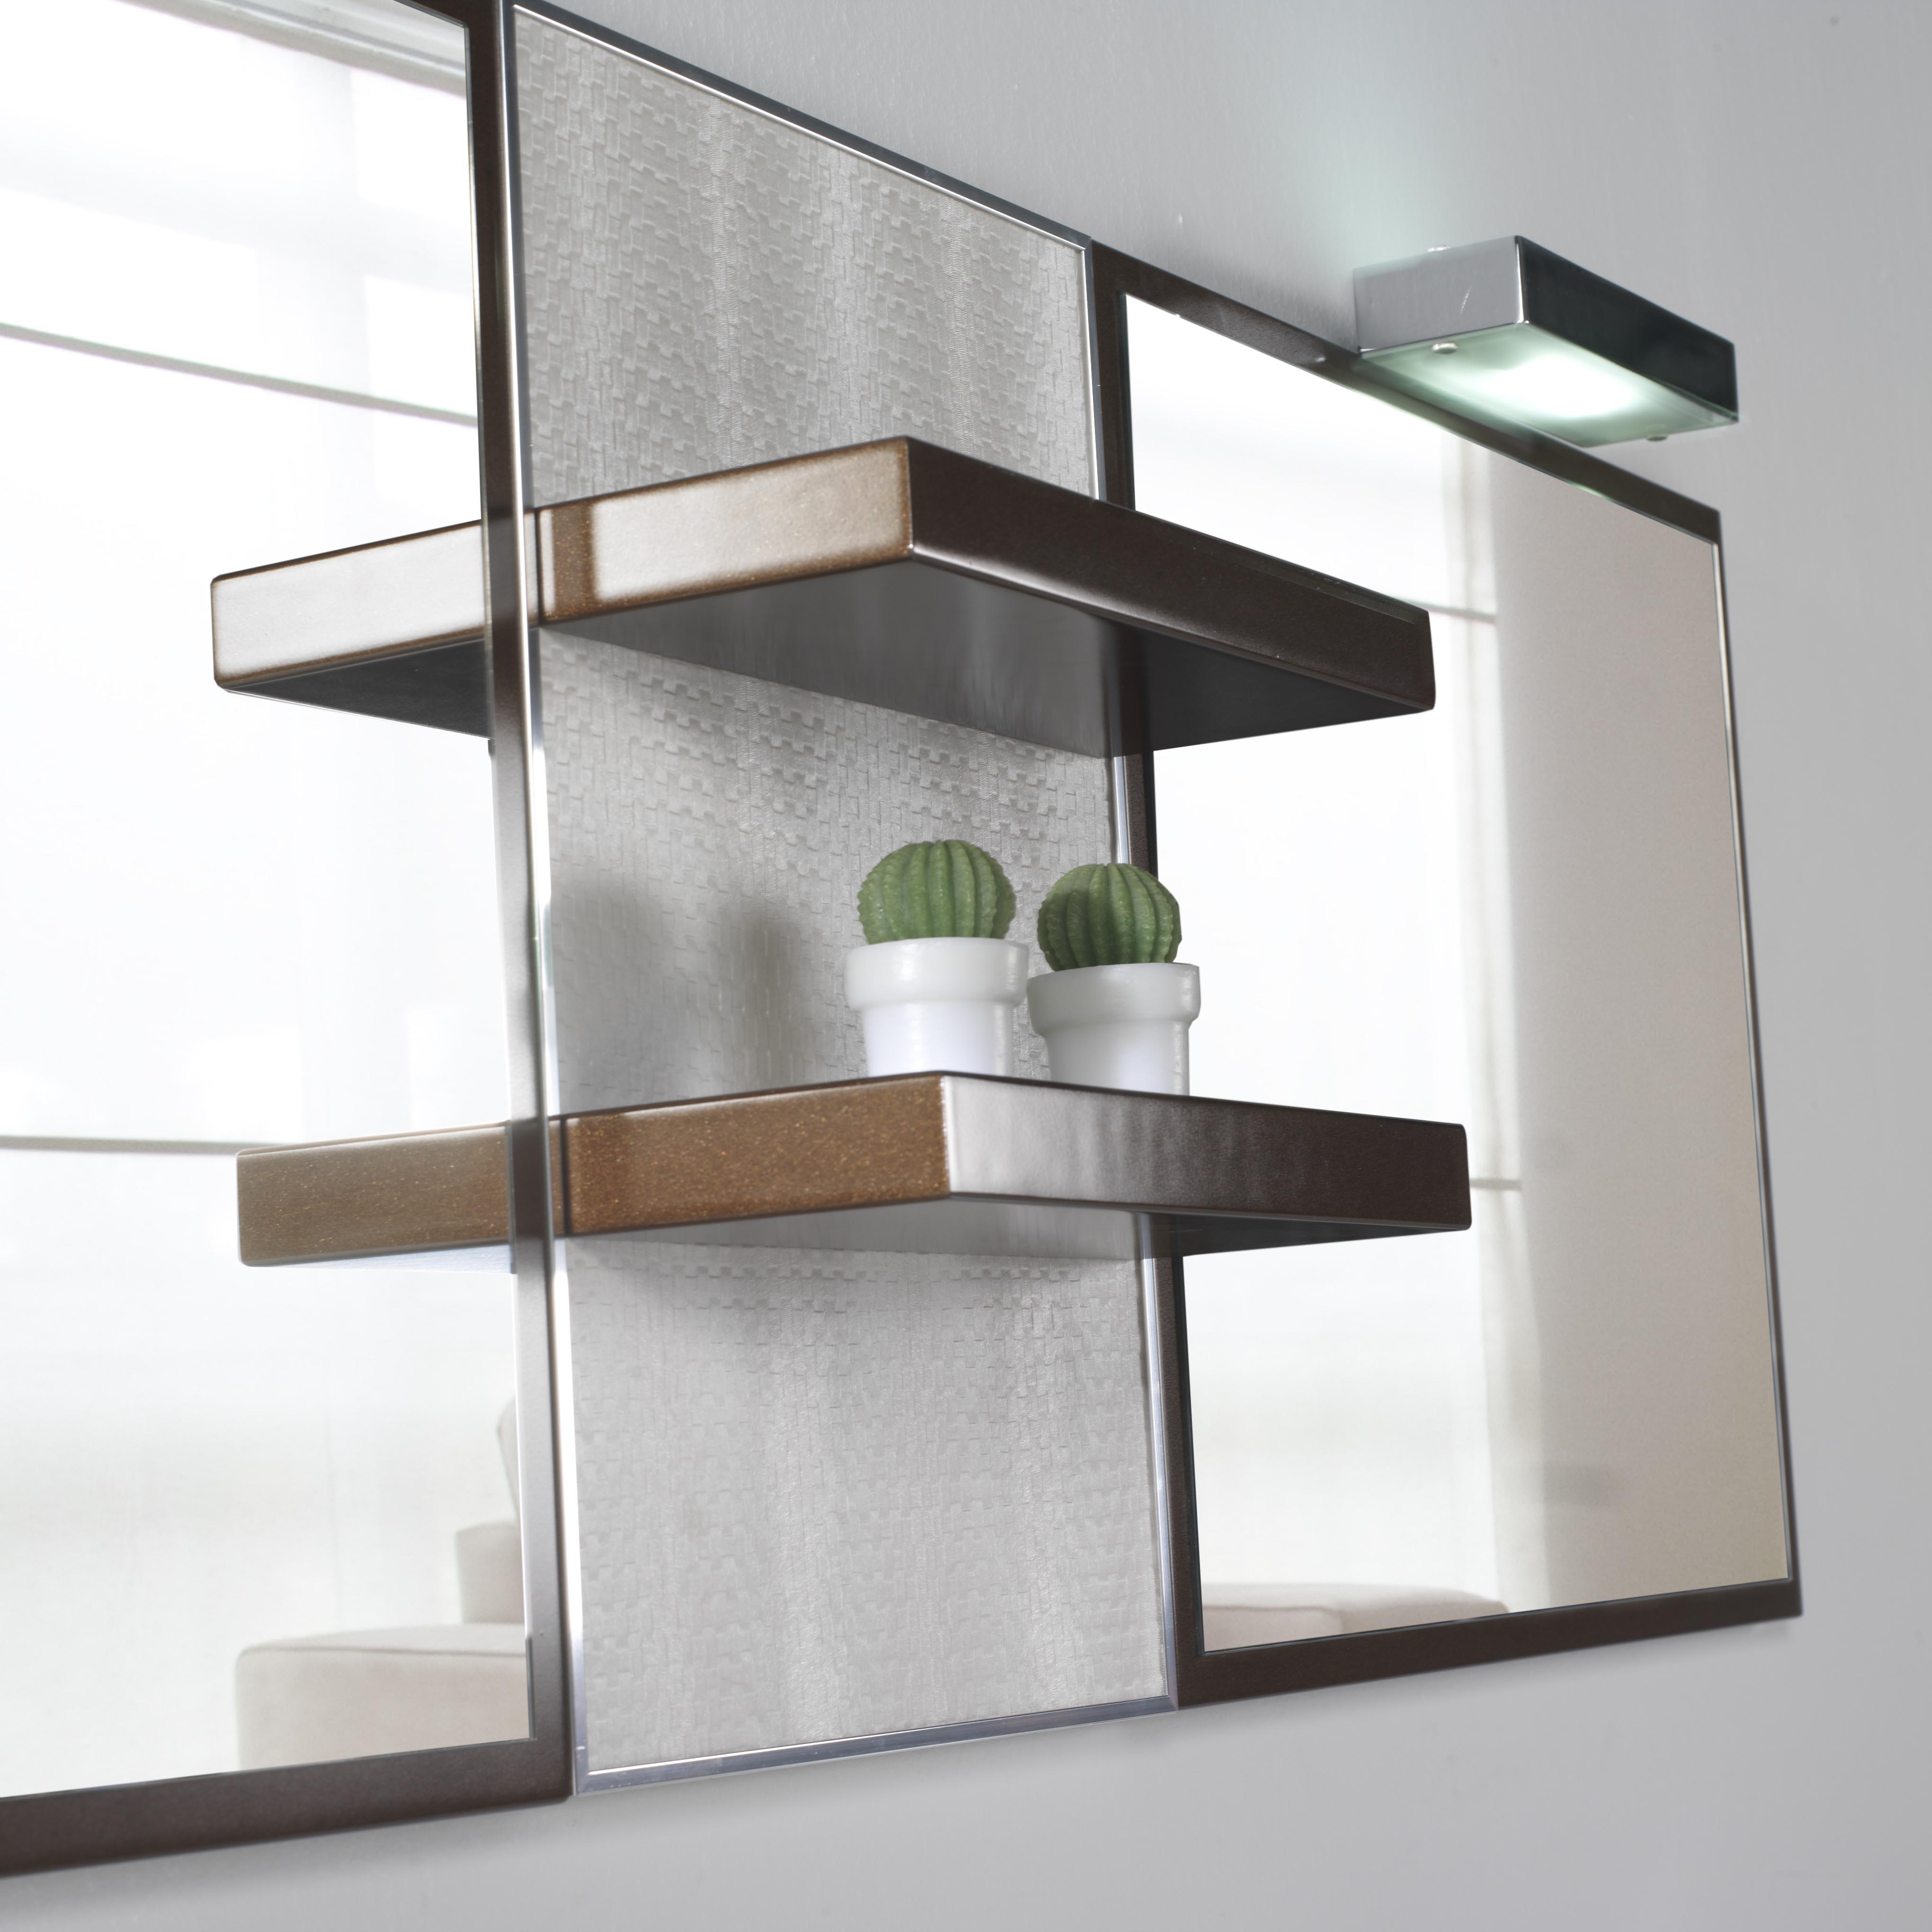 Espejo neo panel top espejos espejos iluminaci n - Iluminacion espejo bano ...